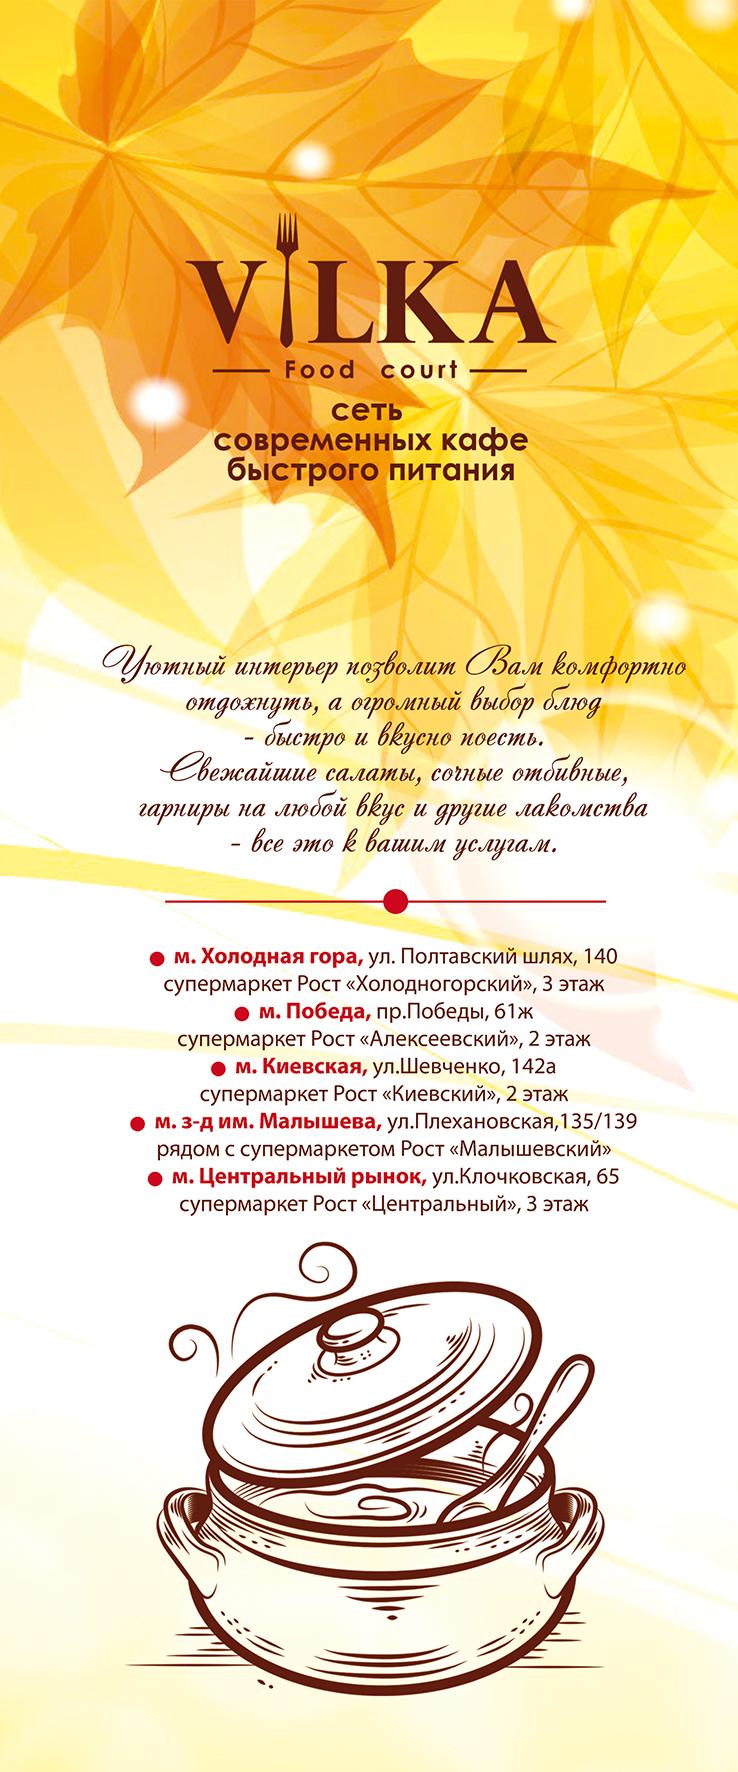 vilka_print__10-16_09_page4